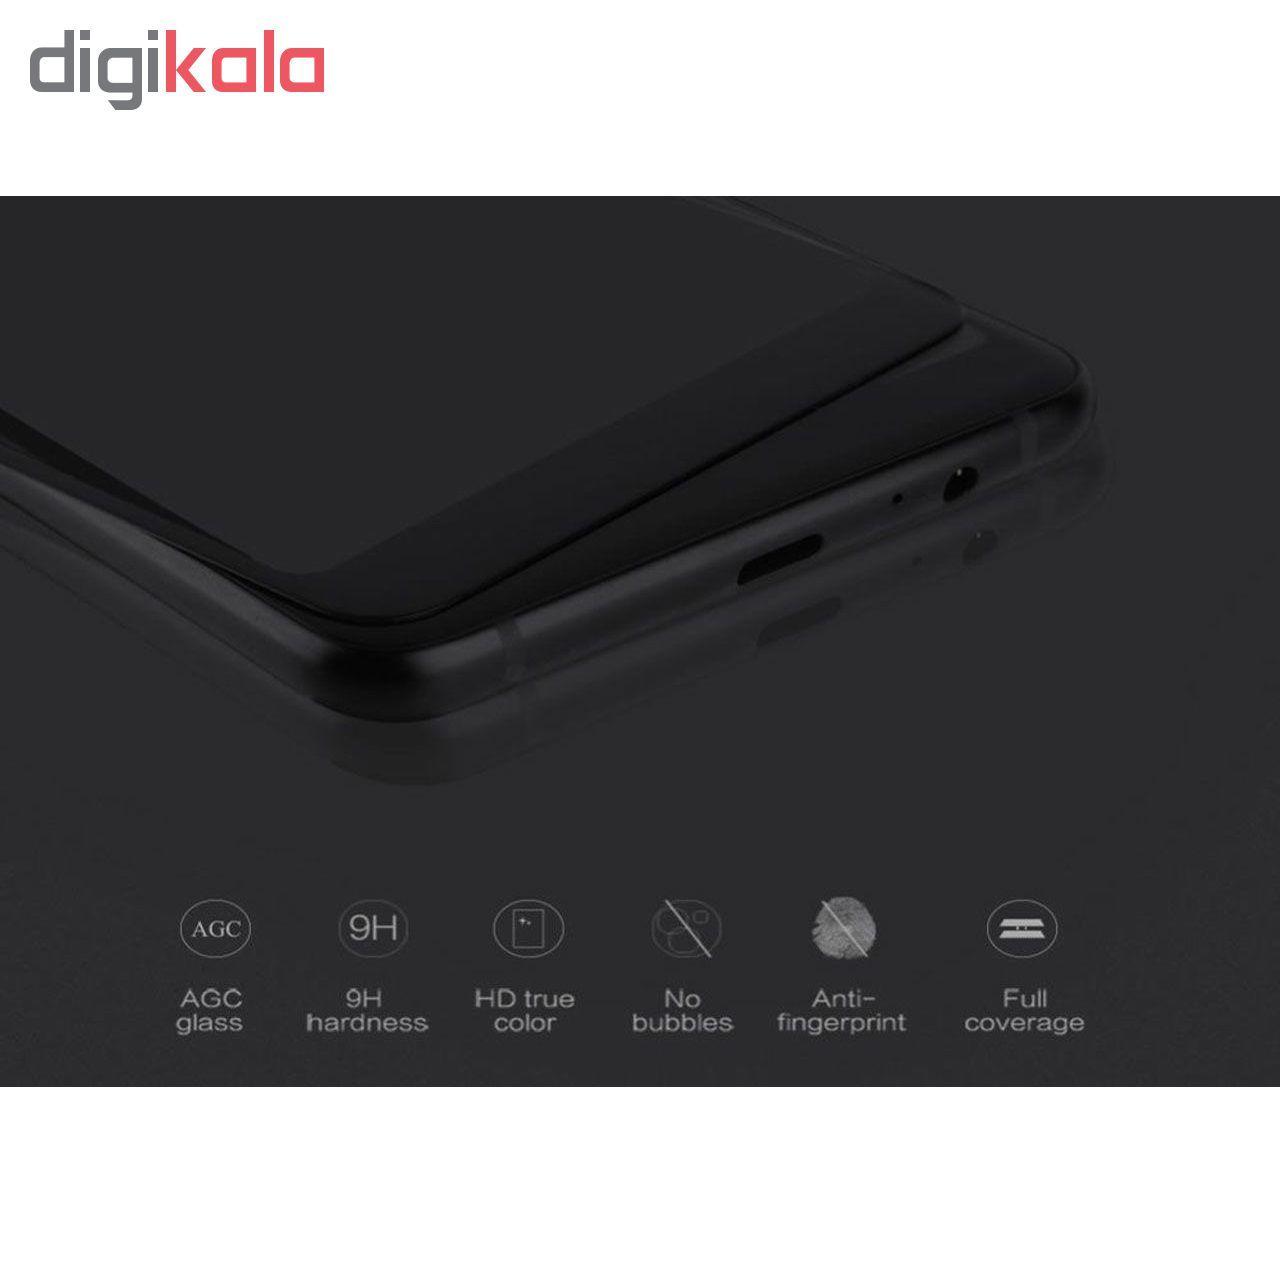 محافظ صفحه نمایش 6D مورفی مدل MR7 مناسب برای گوشی موبایل سامسونگ Galaxy A10 main 1 2